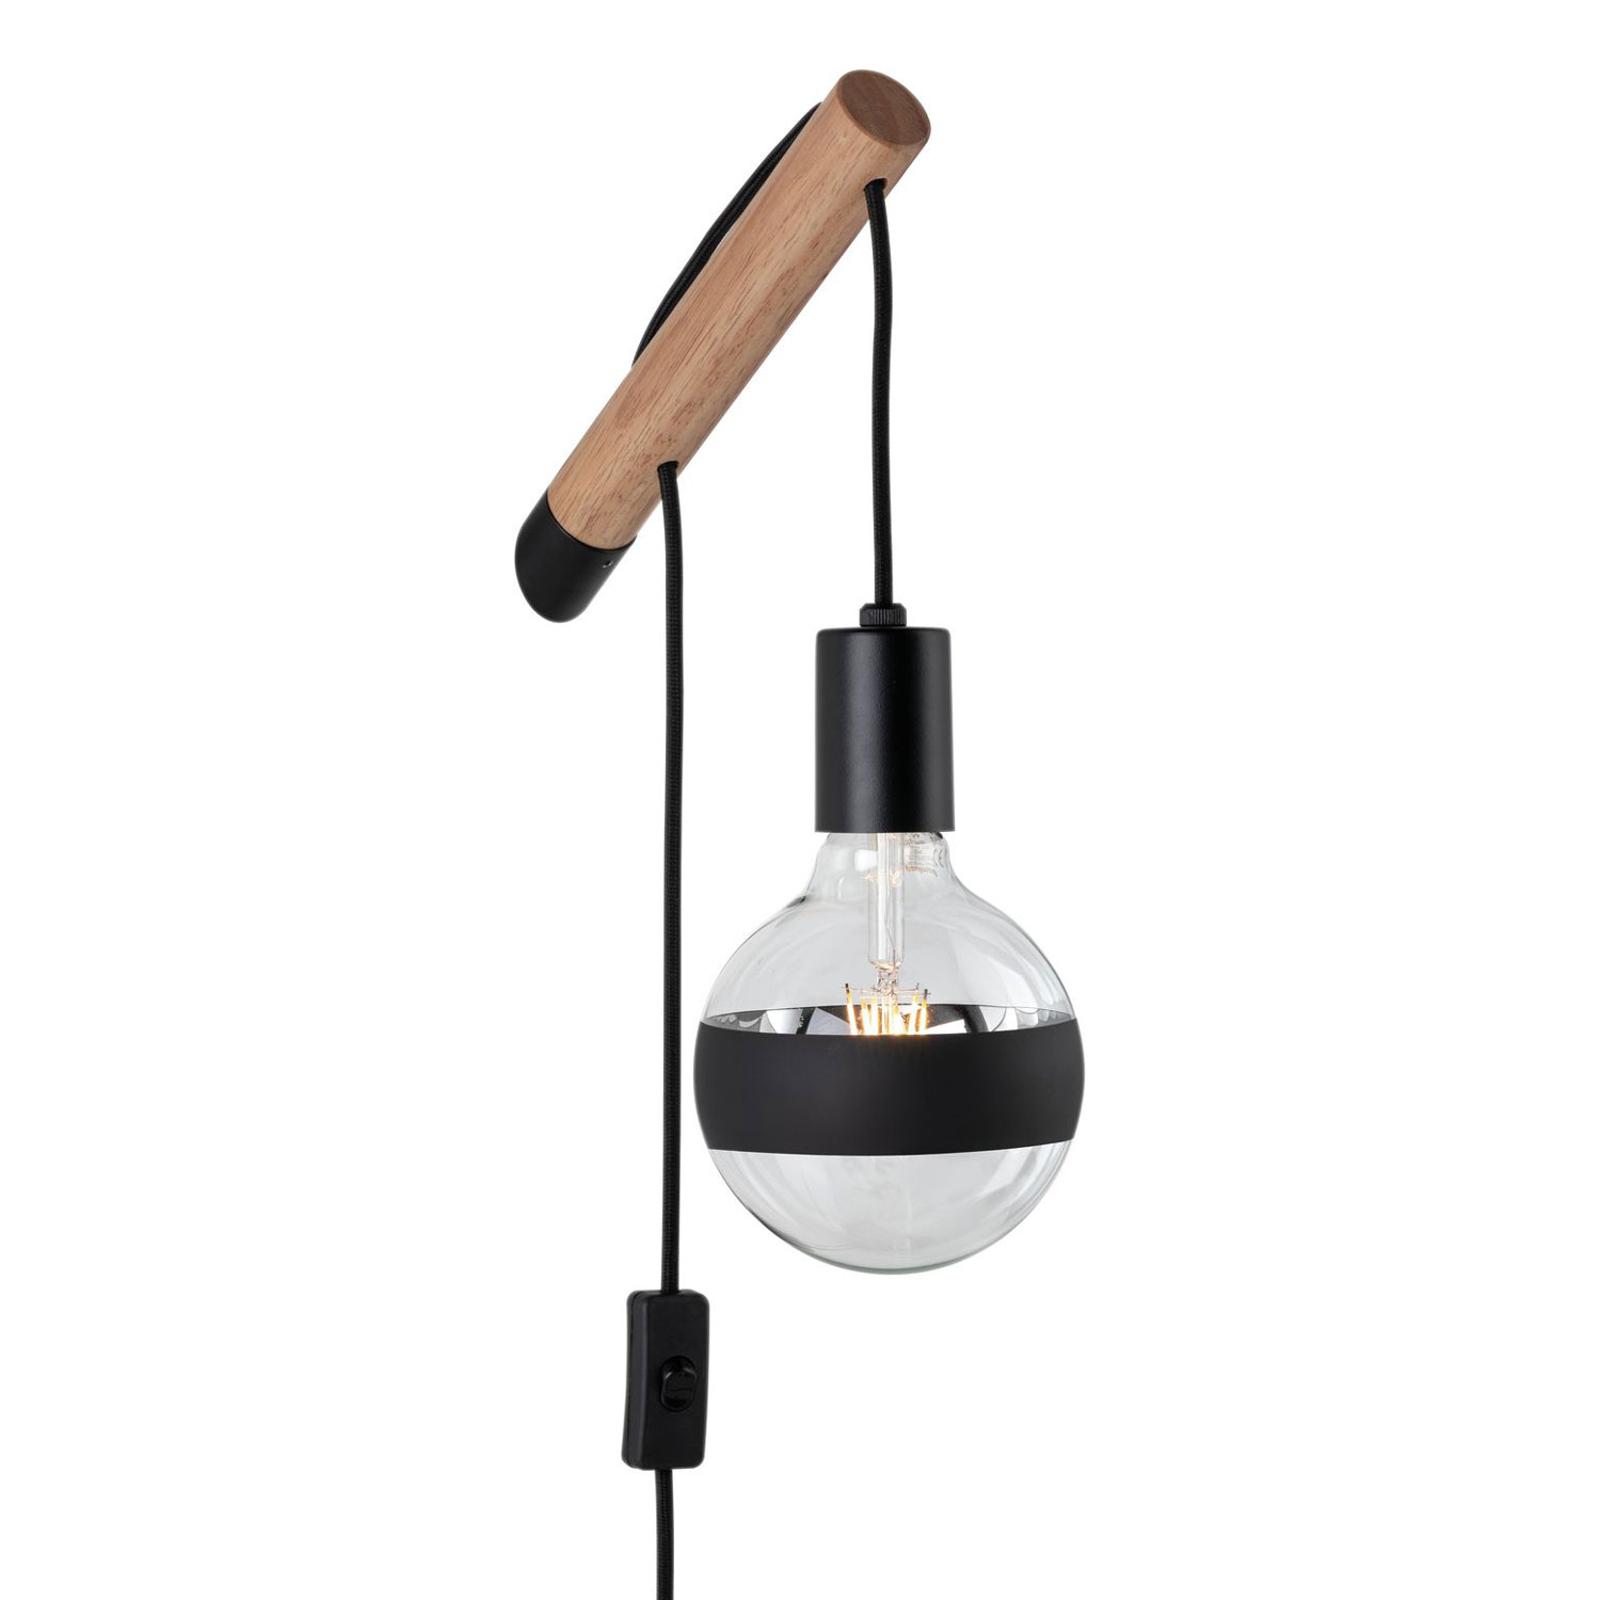 Paulmann Kian wandlamp van hout en metaal